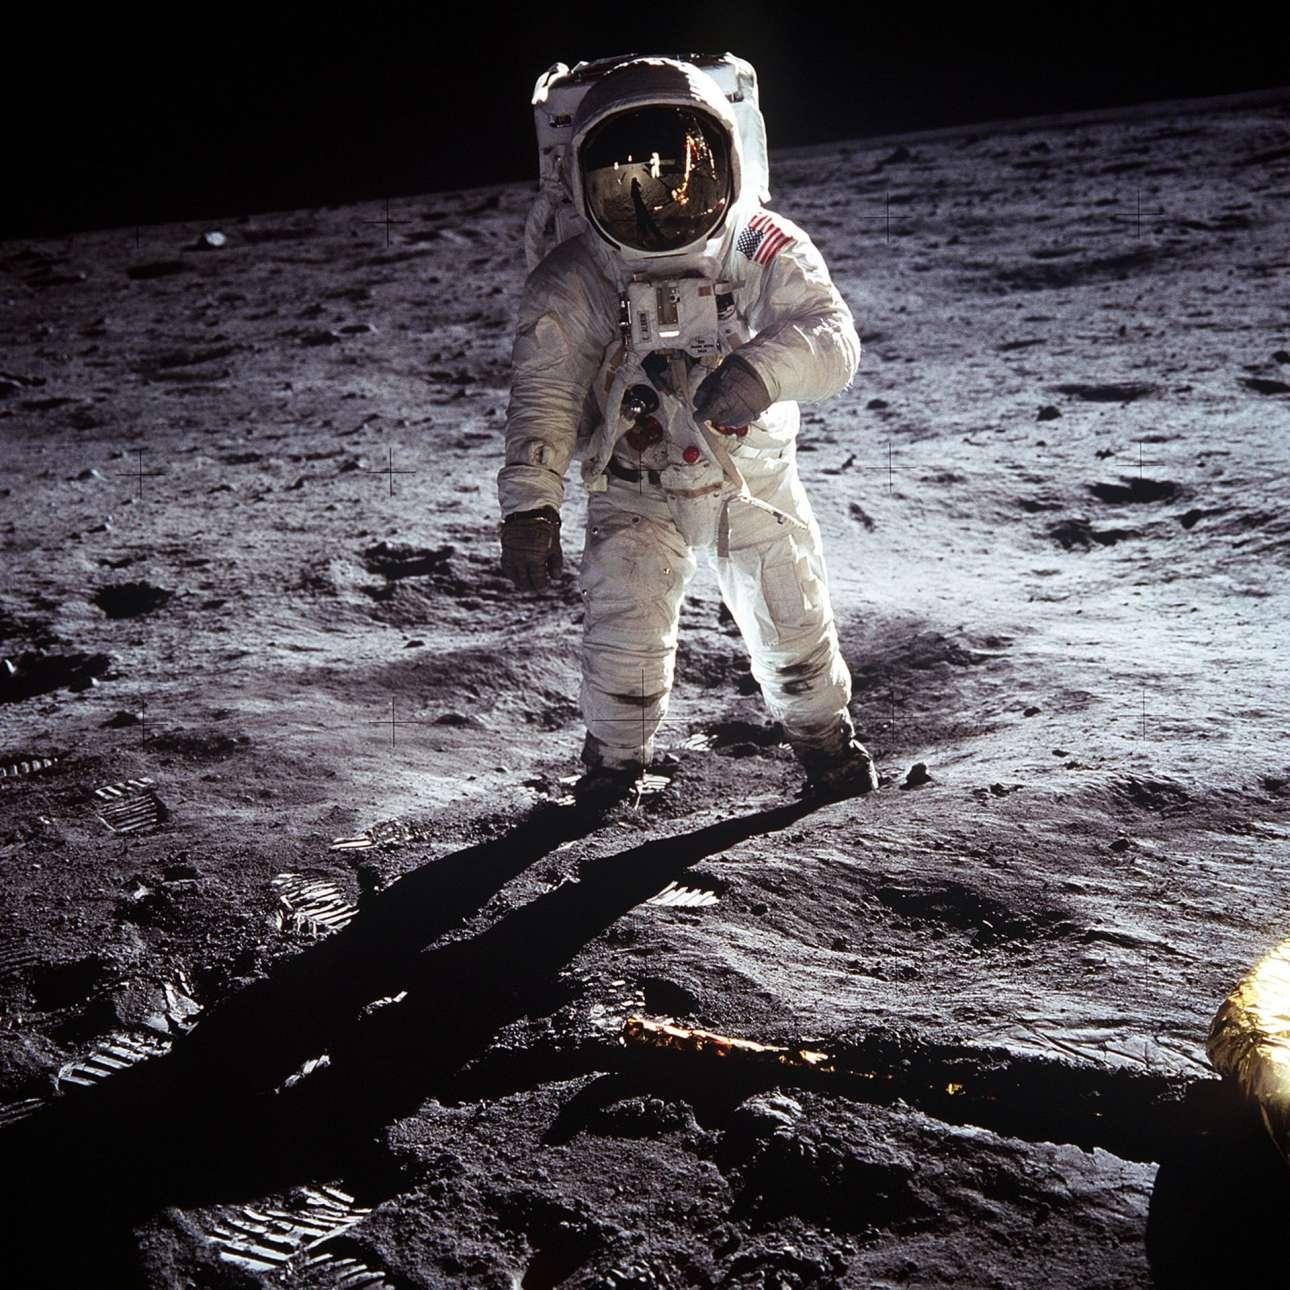 Οι δύο αστροναύτες -ο Νιλ Αρμστονγκ καθρεφτίζεται στην κάσκα του Ολντριν- θαυμάζουν το «υπέροχα έρημο τοπίο» του φεγγαριού